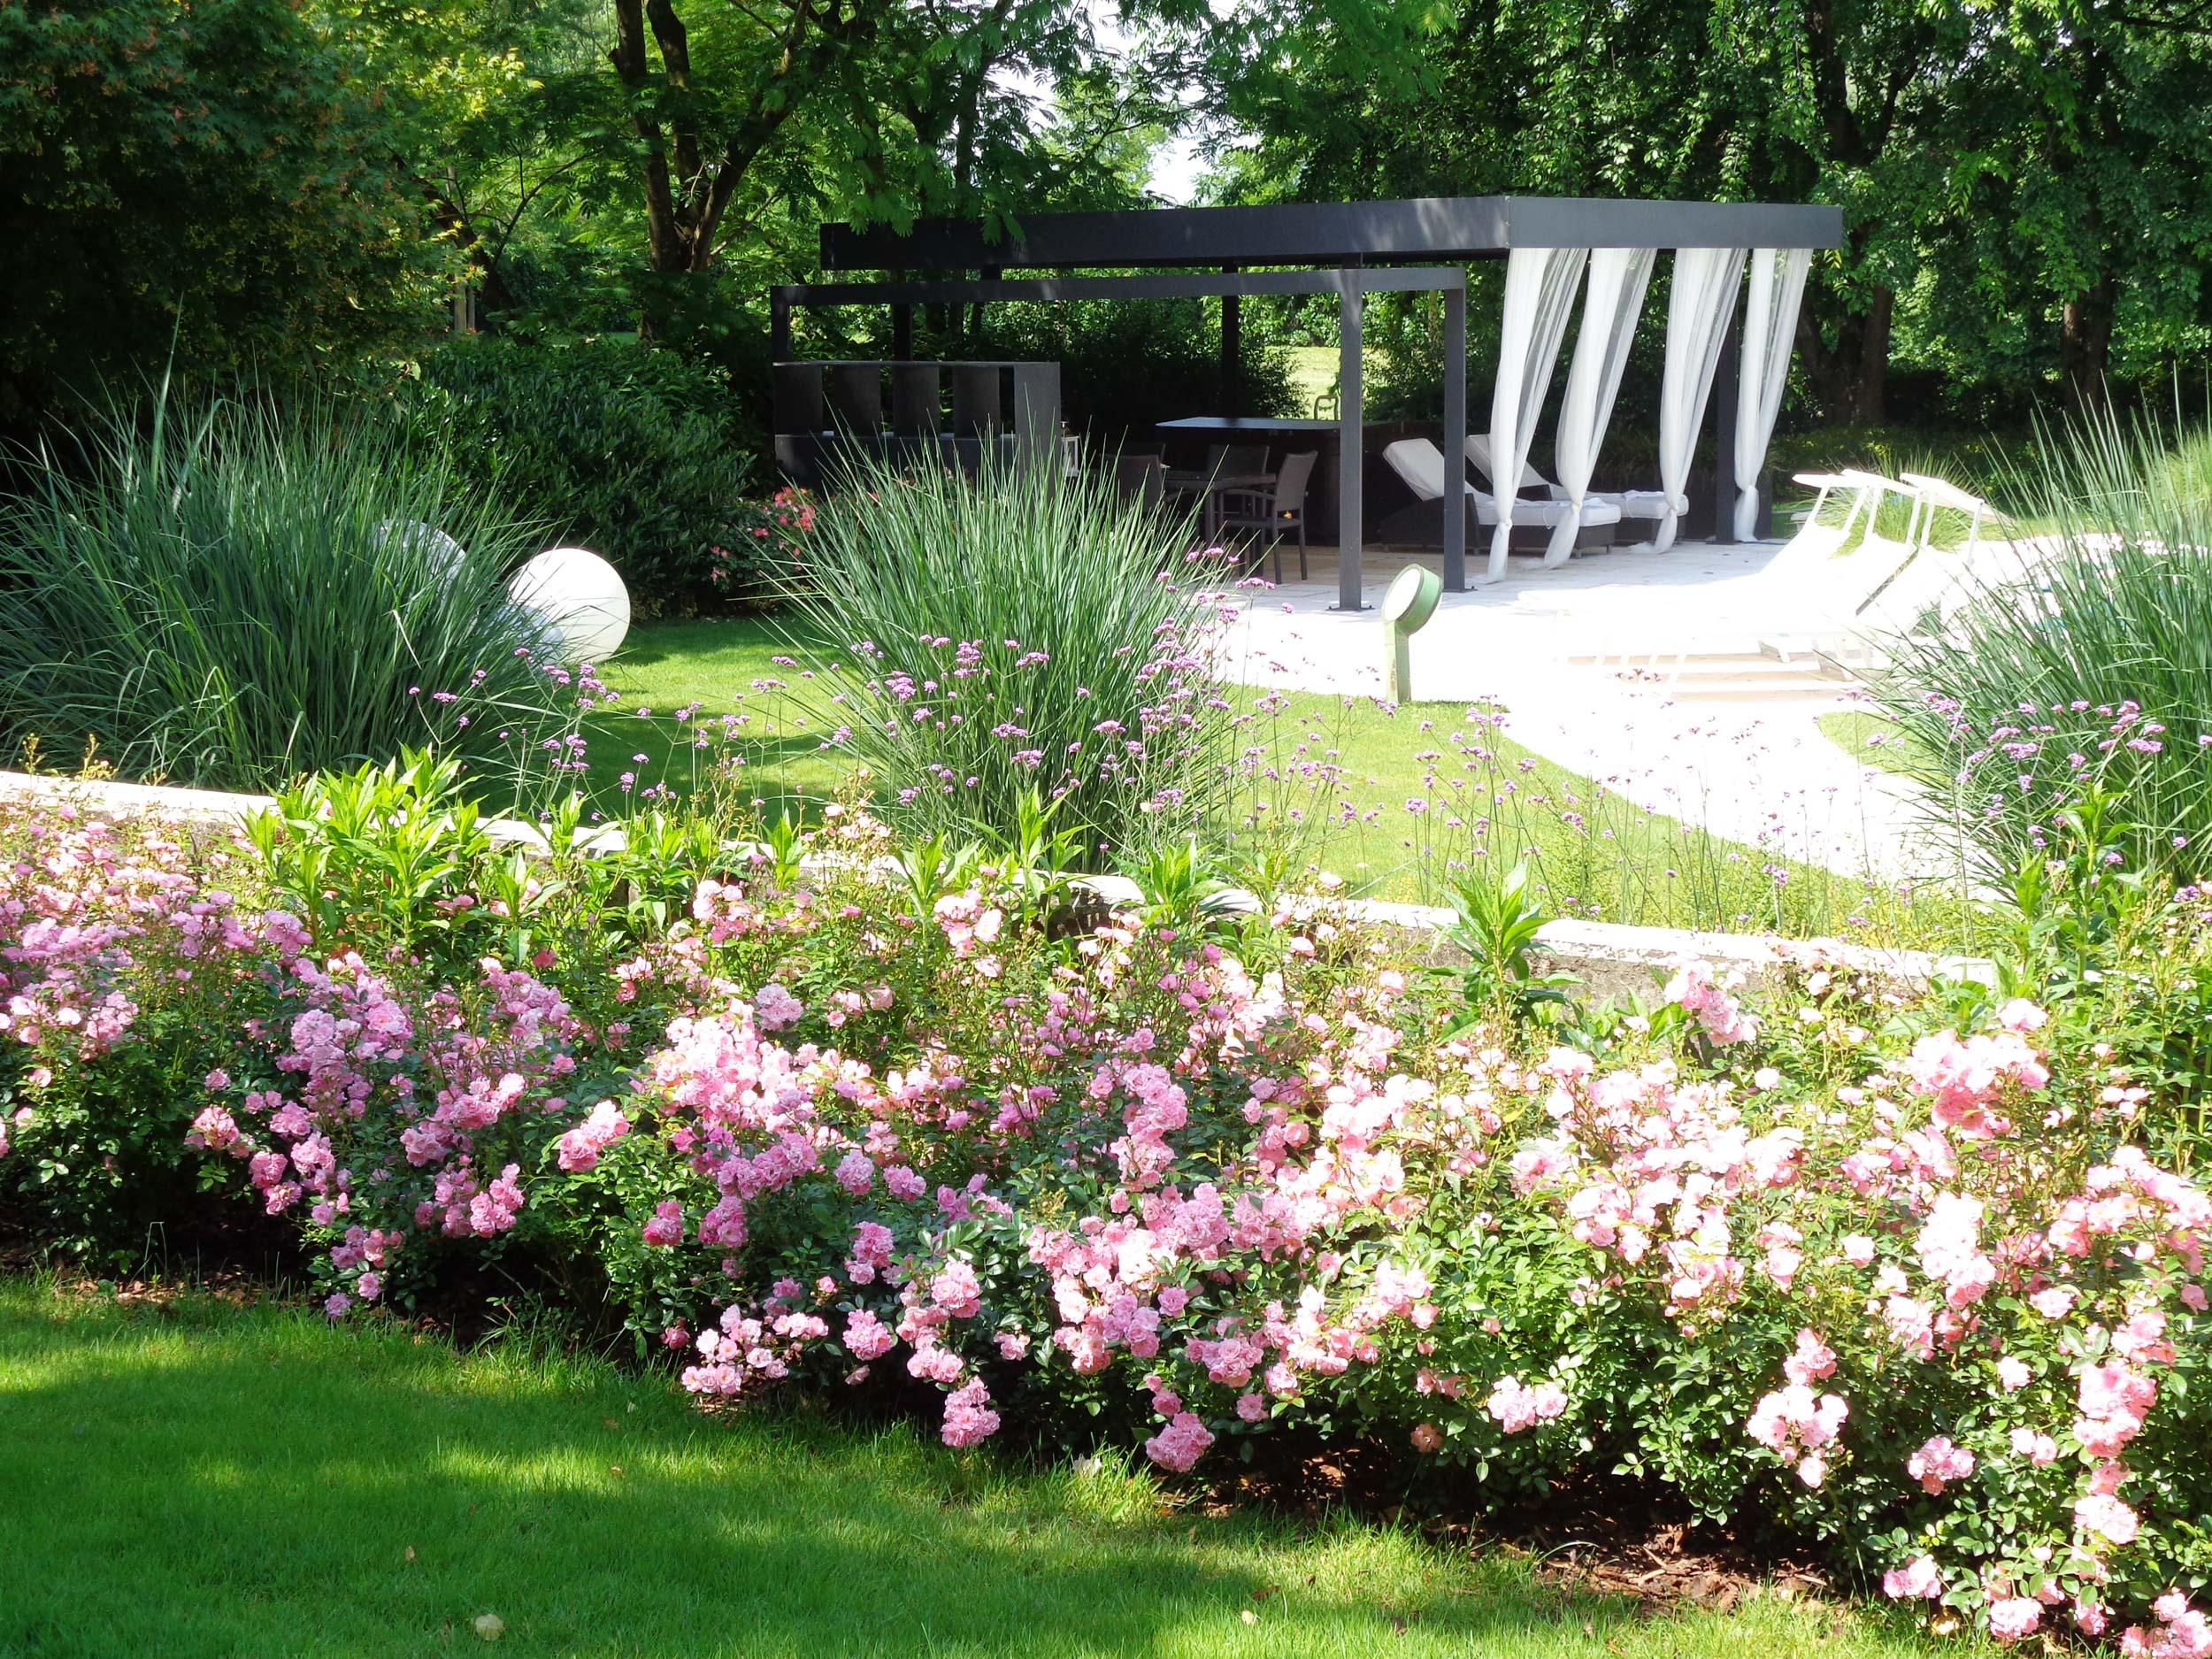 Progettazione giardini privati brescia matite verdi di - Giardini di casa ...